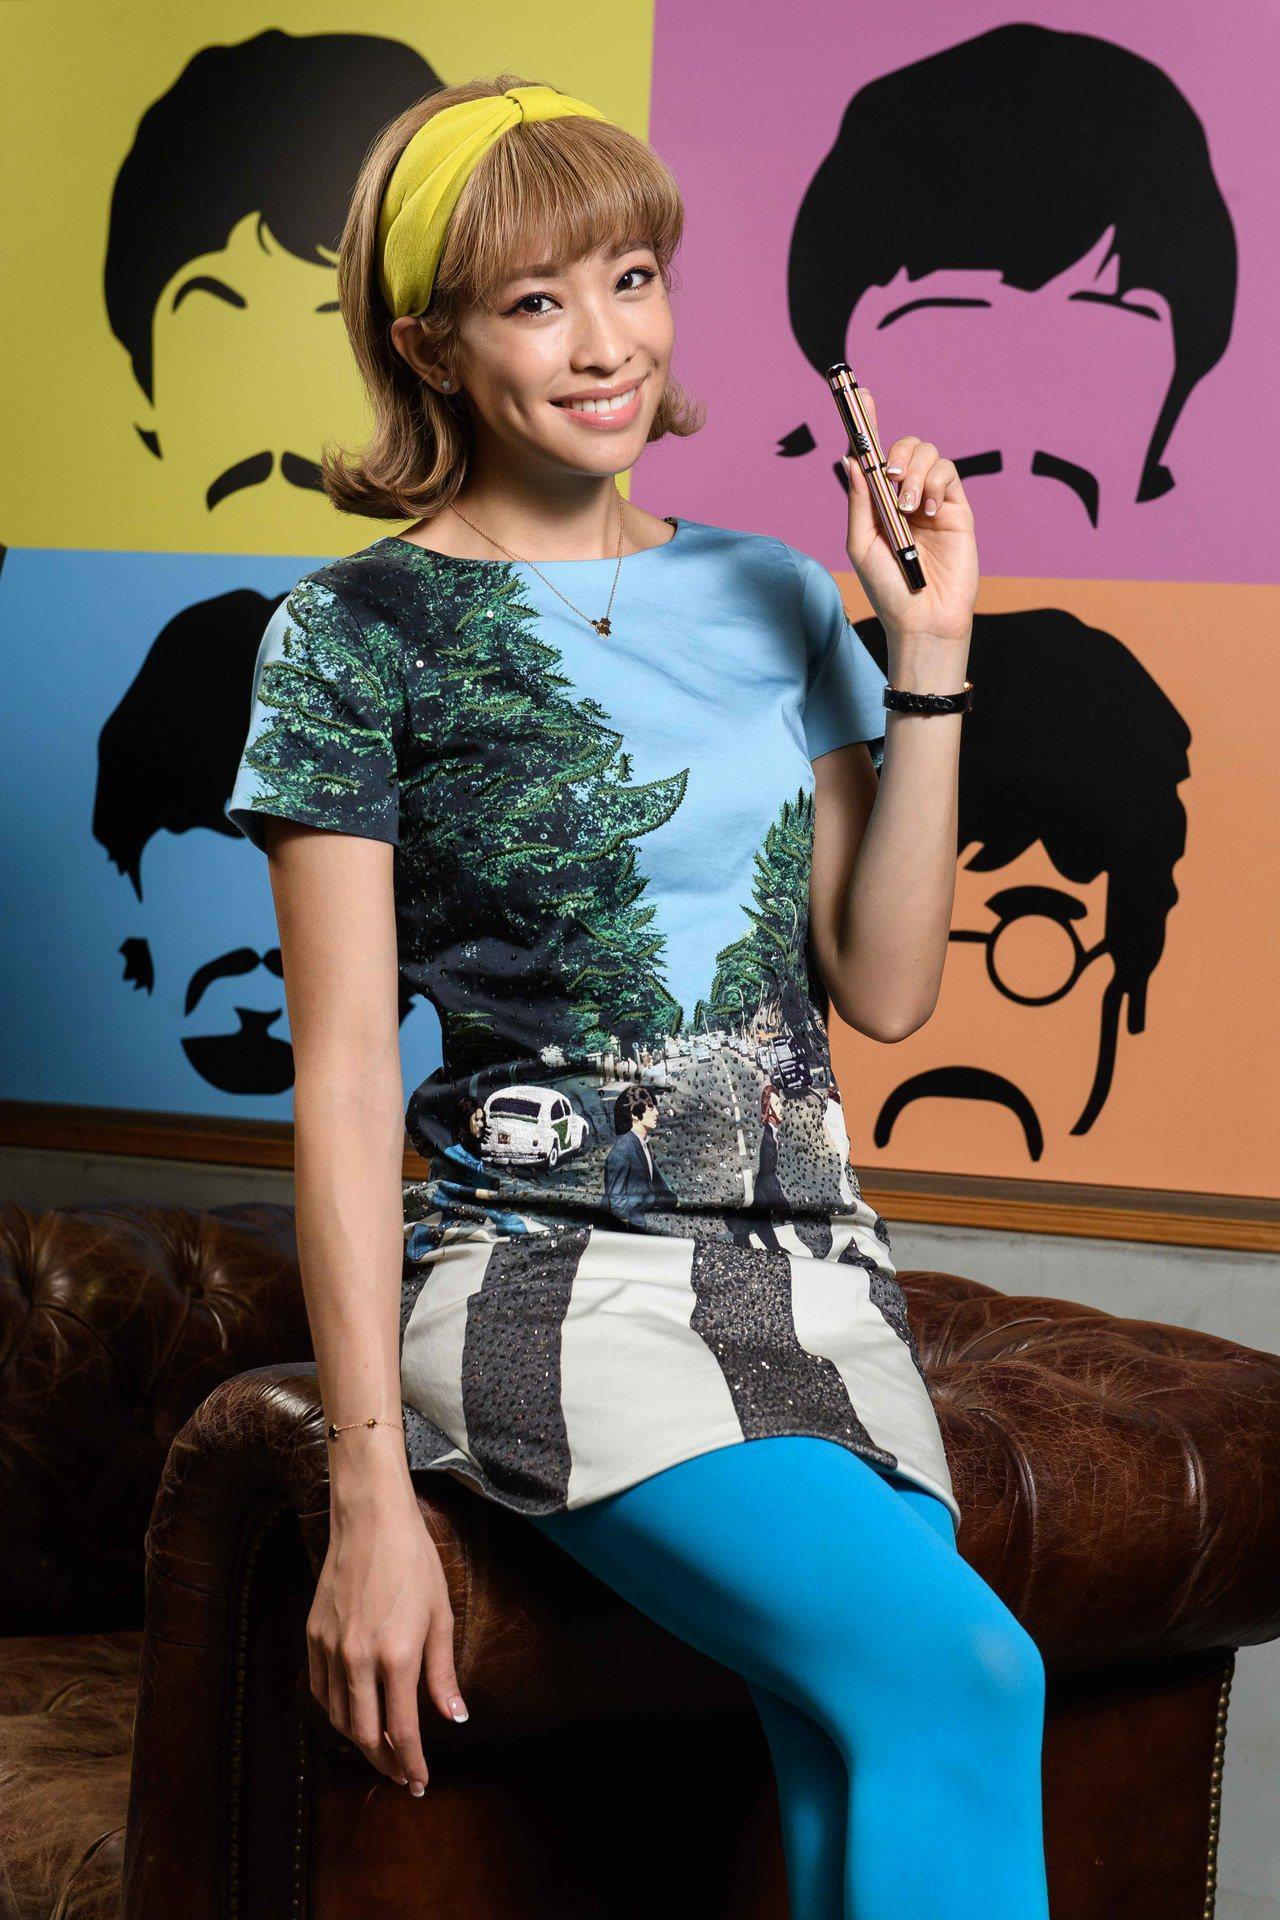 袁詠琳展演萬寶龍名人系列披頭四樂團特別款鋼筆,32,200元。圖/萬寶龍提供